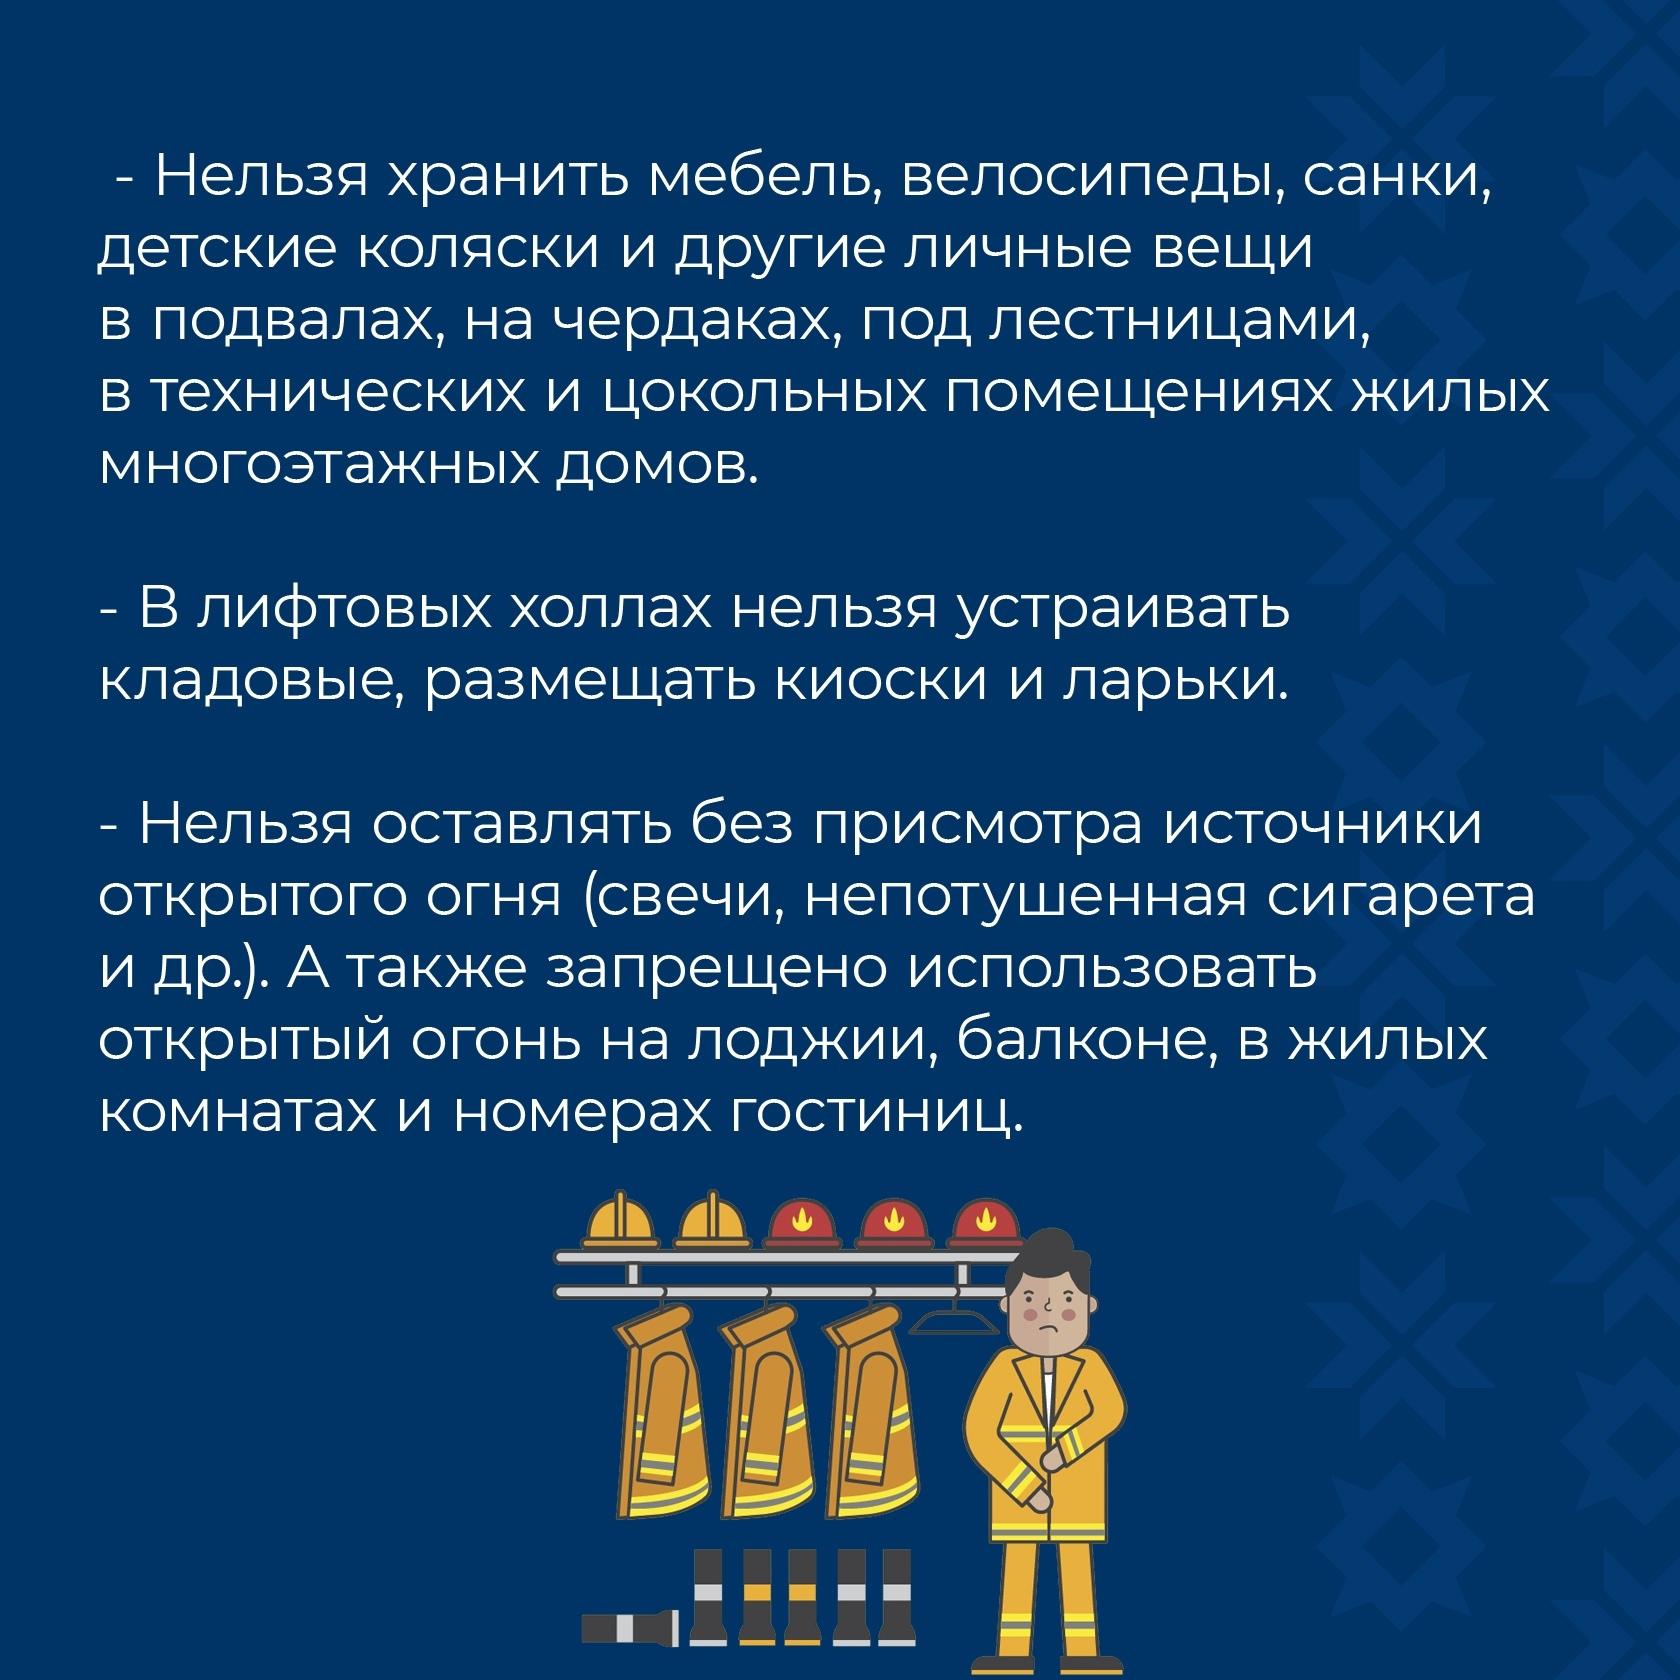 С 1 января 2021 года в России